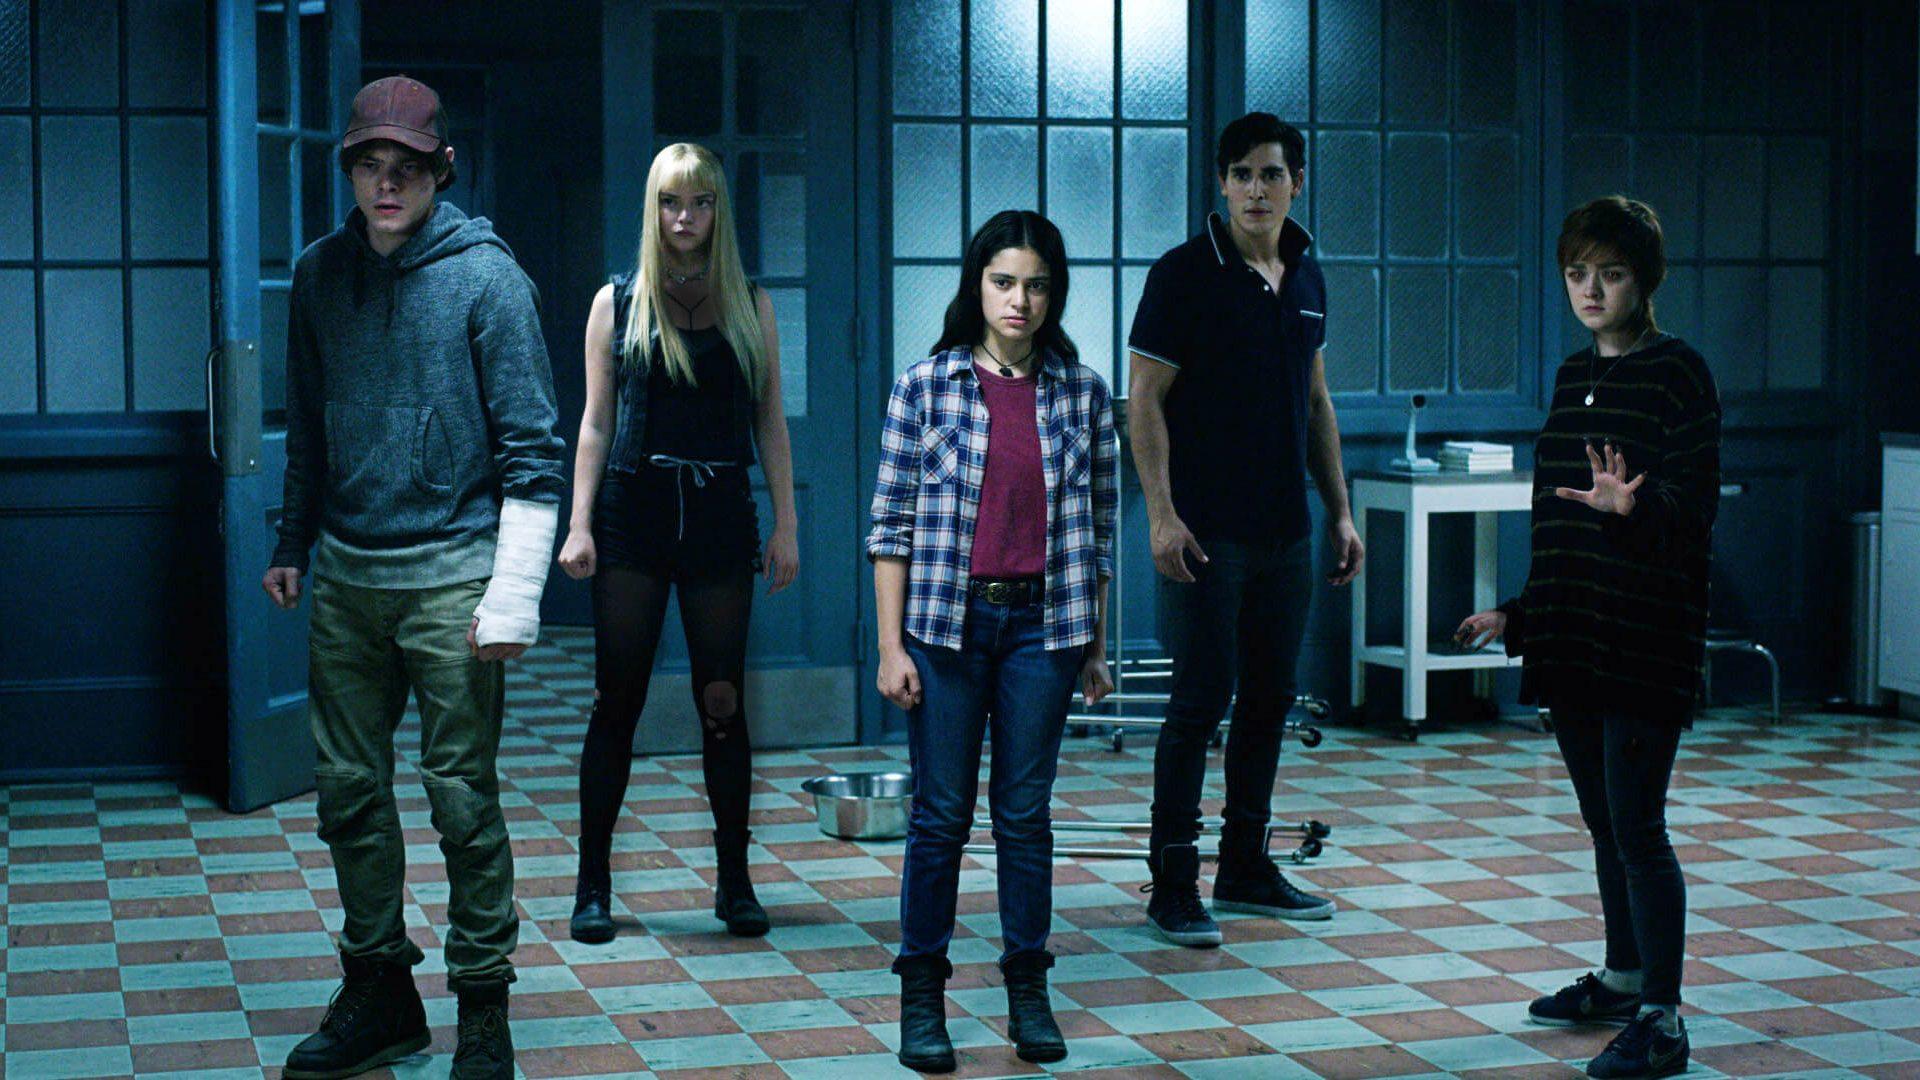 آنونس جدید The New Mutants را تماشا کنید